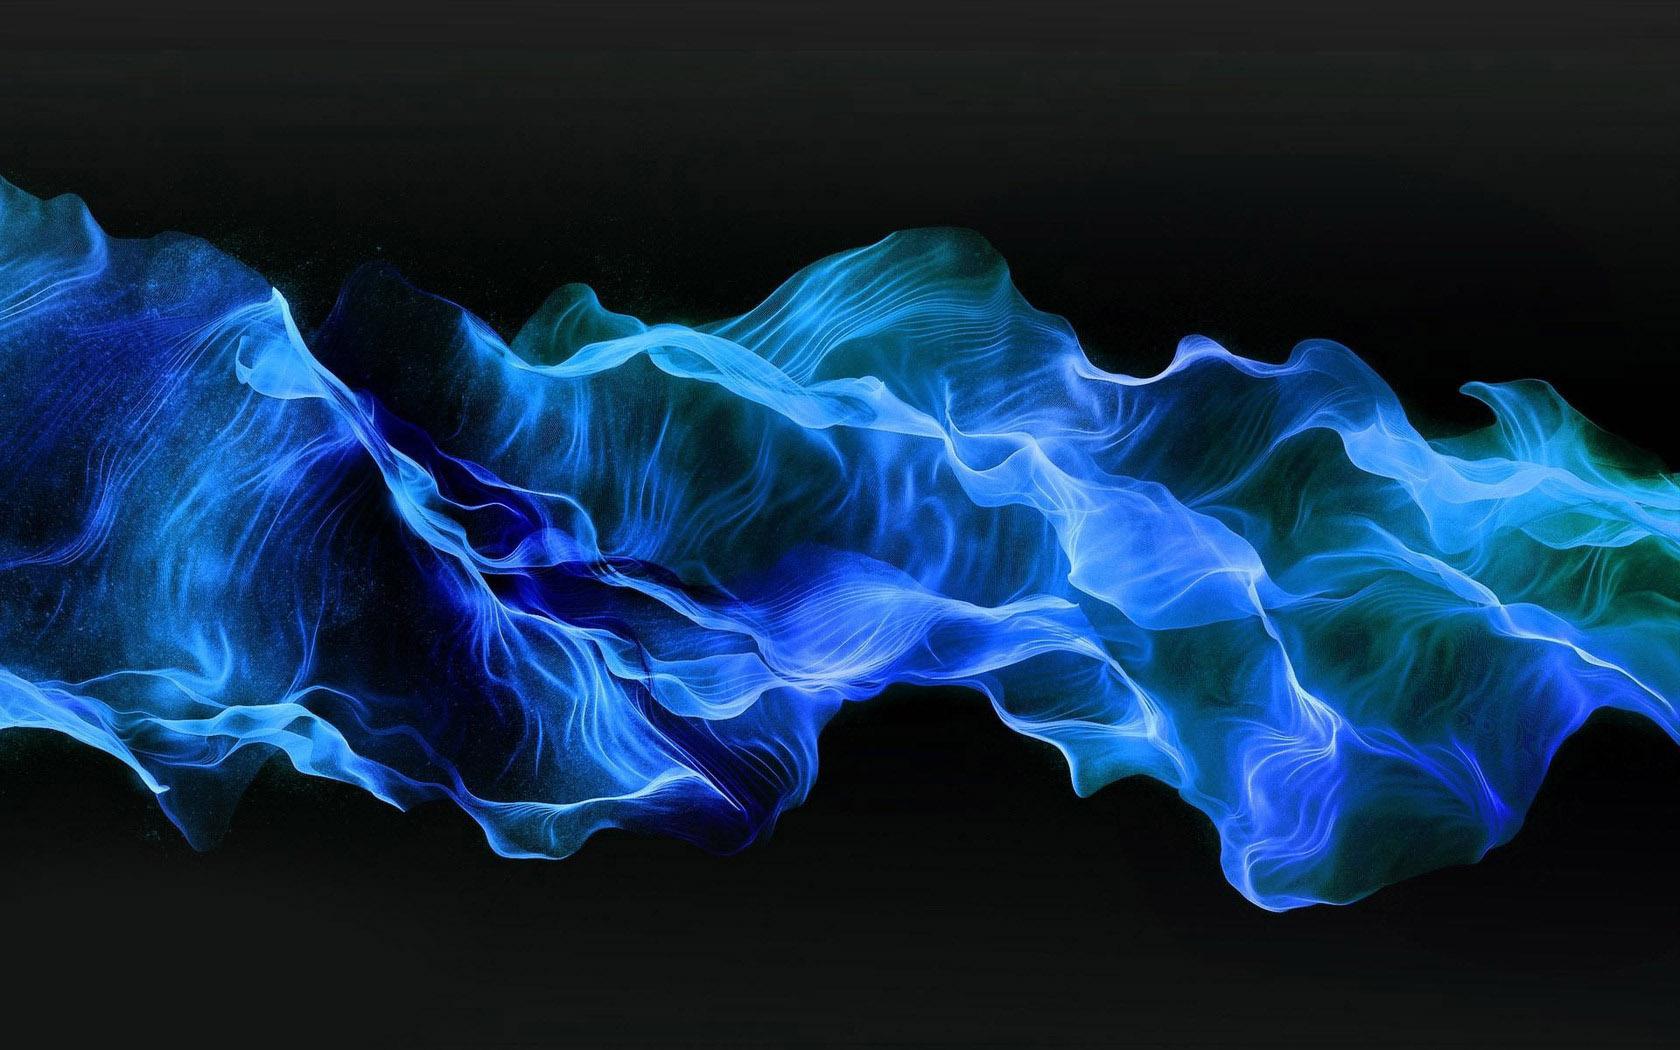 Hình ảnh khói lửa xanh